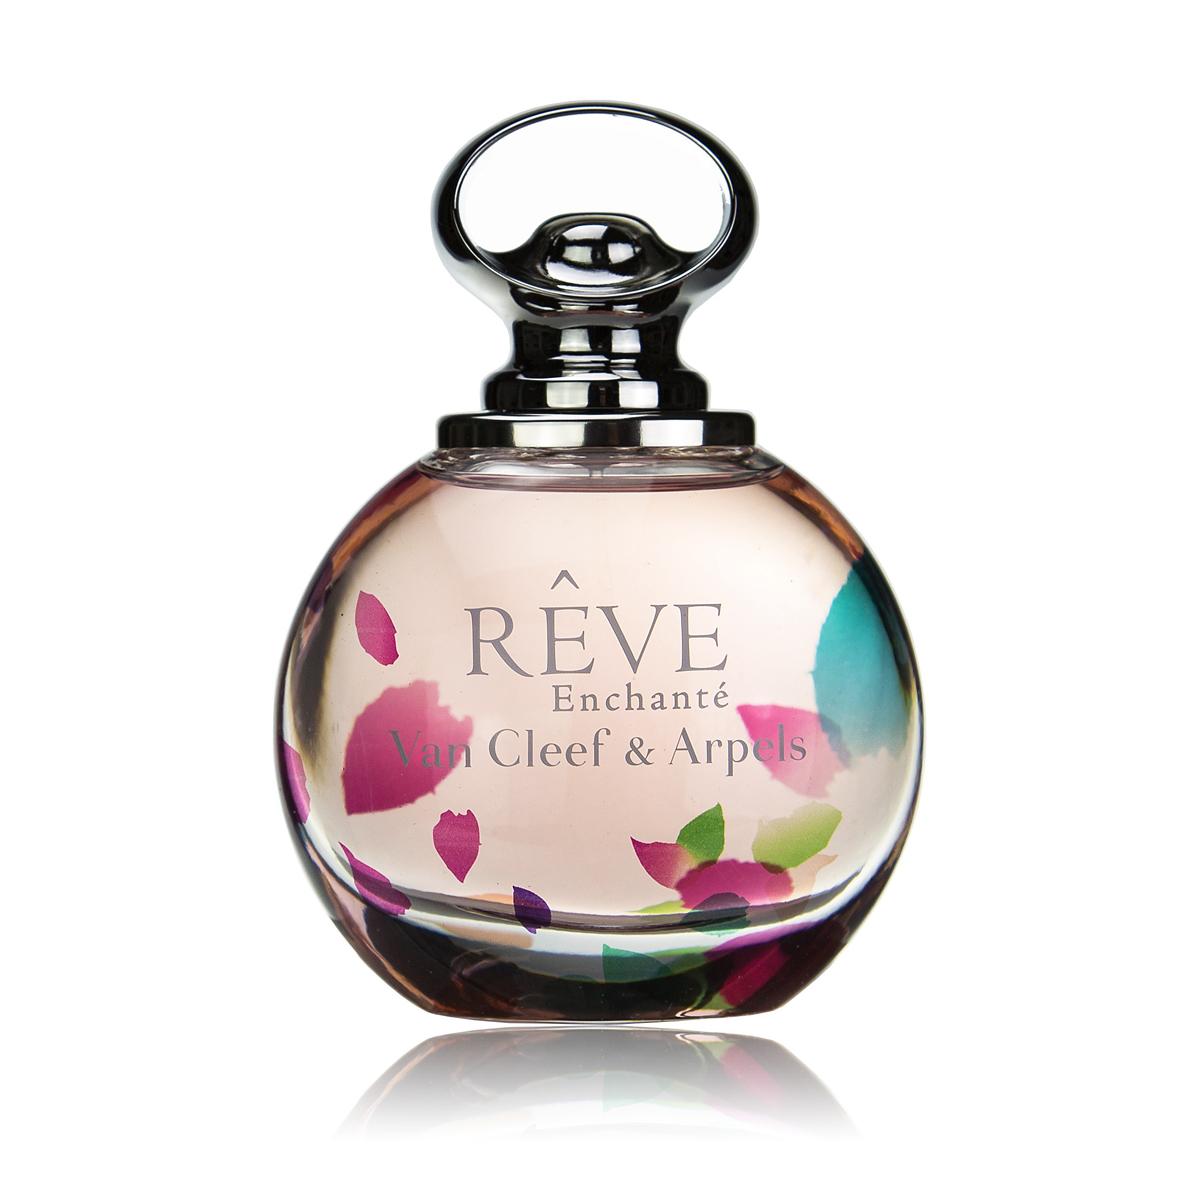 Van Cleef Reve Enchante Парфюмерная вода женская спрей 100 млVCA013E01Утонченный женский аромат Van Cleef & Arpels Reve Enchante, выпущенный в 2015 году известным французским брендом Van Cleef & Arpels стал открытием года. Над созданием этой нежный цветочно-фруктовый новинки работал парфюмер Эмиль Копперман. Ему удалось выпустить для ювелирного бренда романтичный и волнующий коктейль. Аромат является дополнением к весенней ювелирной коллекции бренда, а потому подчеркивает деликатность, элегантность и роскошь. Данная парфюмерная является продолжением традиций ювелирного дома и фланкером уже полюбившегося аромата 2013 года Reve. В новой редакции аромат Van Cleef & Arpels Reve Enchante звучит более трогательно и воздушно. В нем отражается особая деликатность и нежность. Необыкновенно приятный изысканный коктейль адресован молодым и романтичным женщинам, для которых были собраны сочные дольки клементина и груши, украшенные цветами персика и жасмина. Сливочная белая амбра делает аромат еще более роскошным.